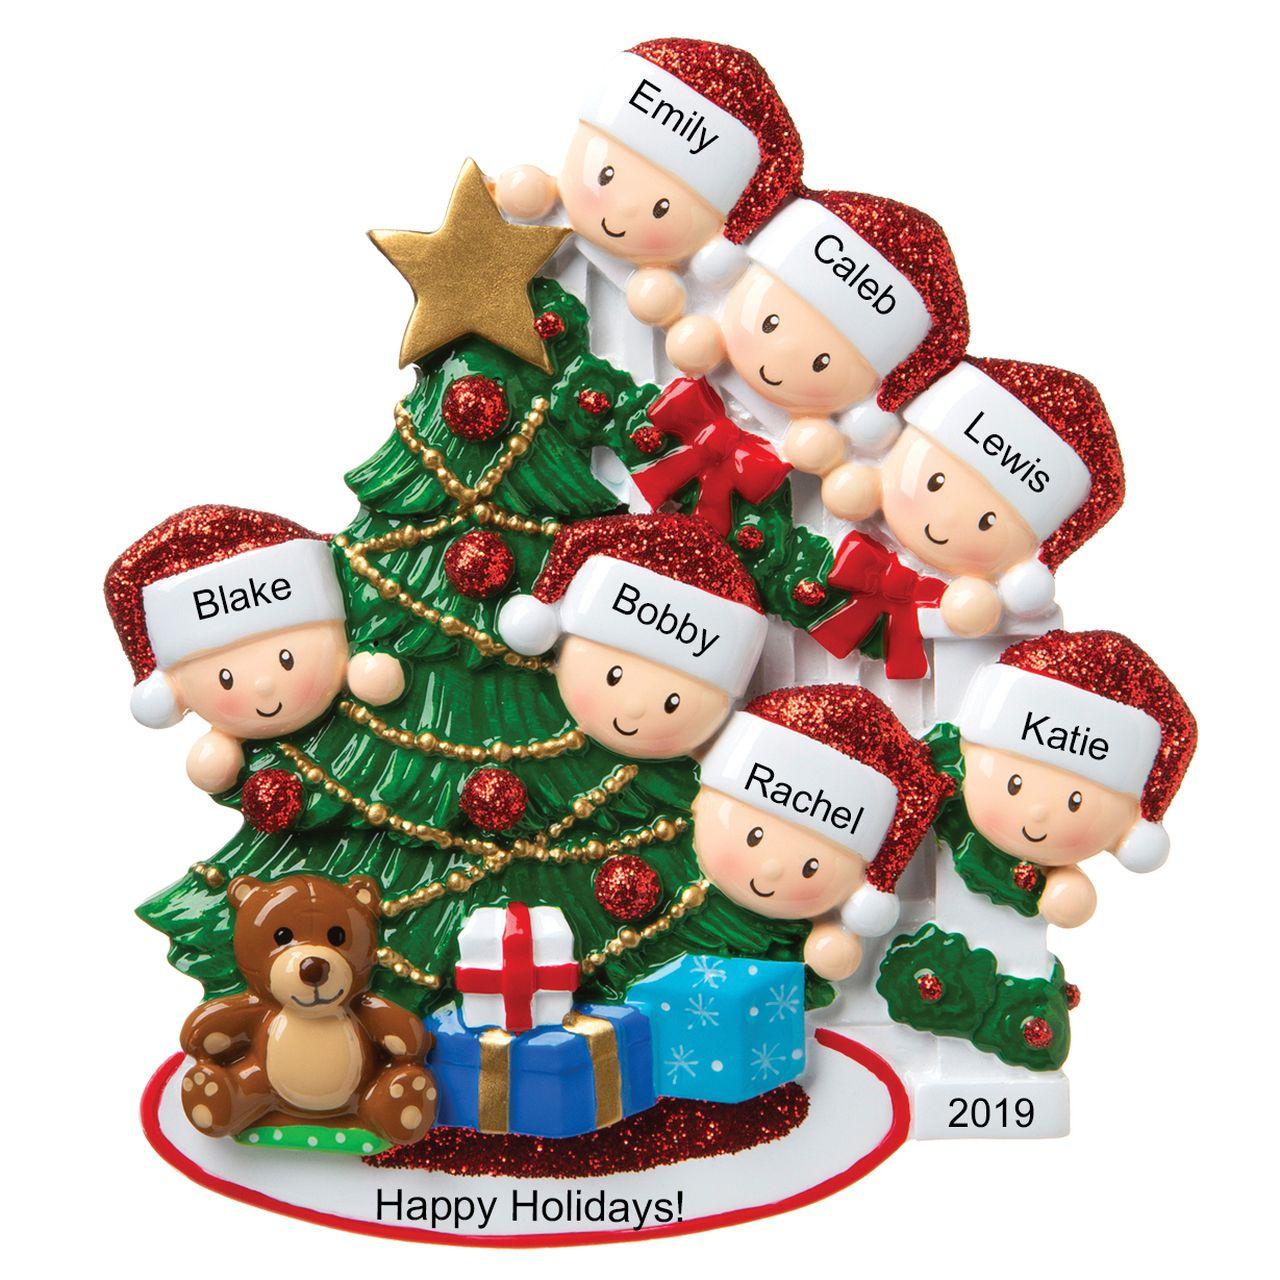 Family Of 7 Around The Christmas Tree Personalized Ornament Or1789 7 Christmas Tree Ornaments Unique Christmas Ornaments Mini Christmas Tree